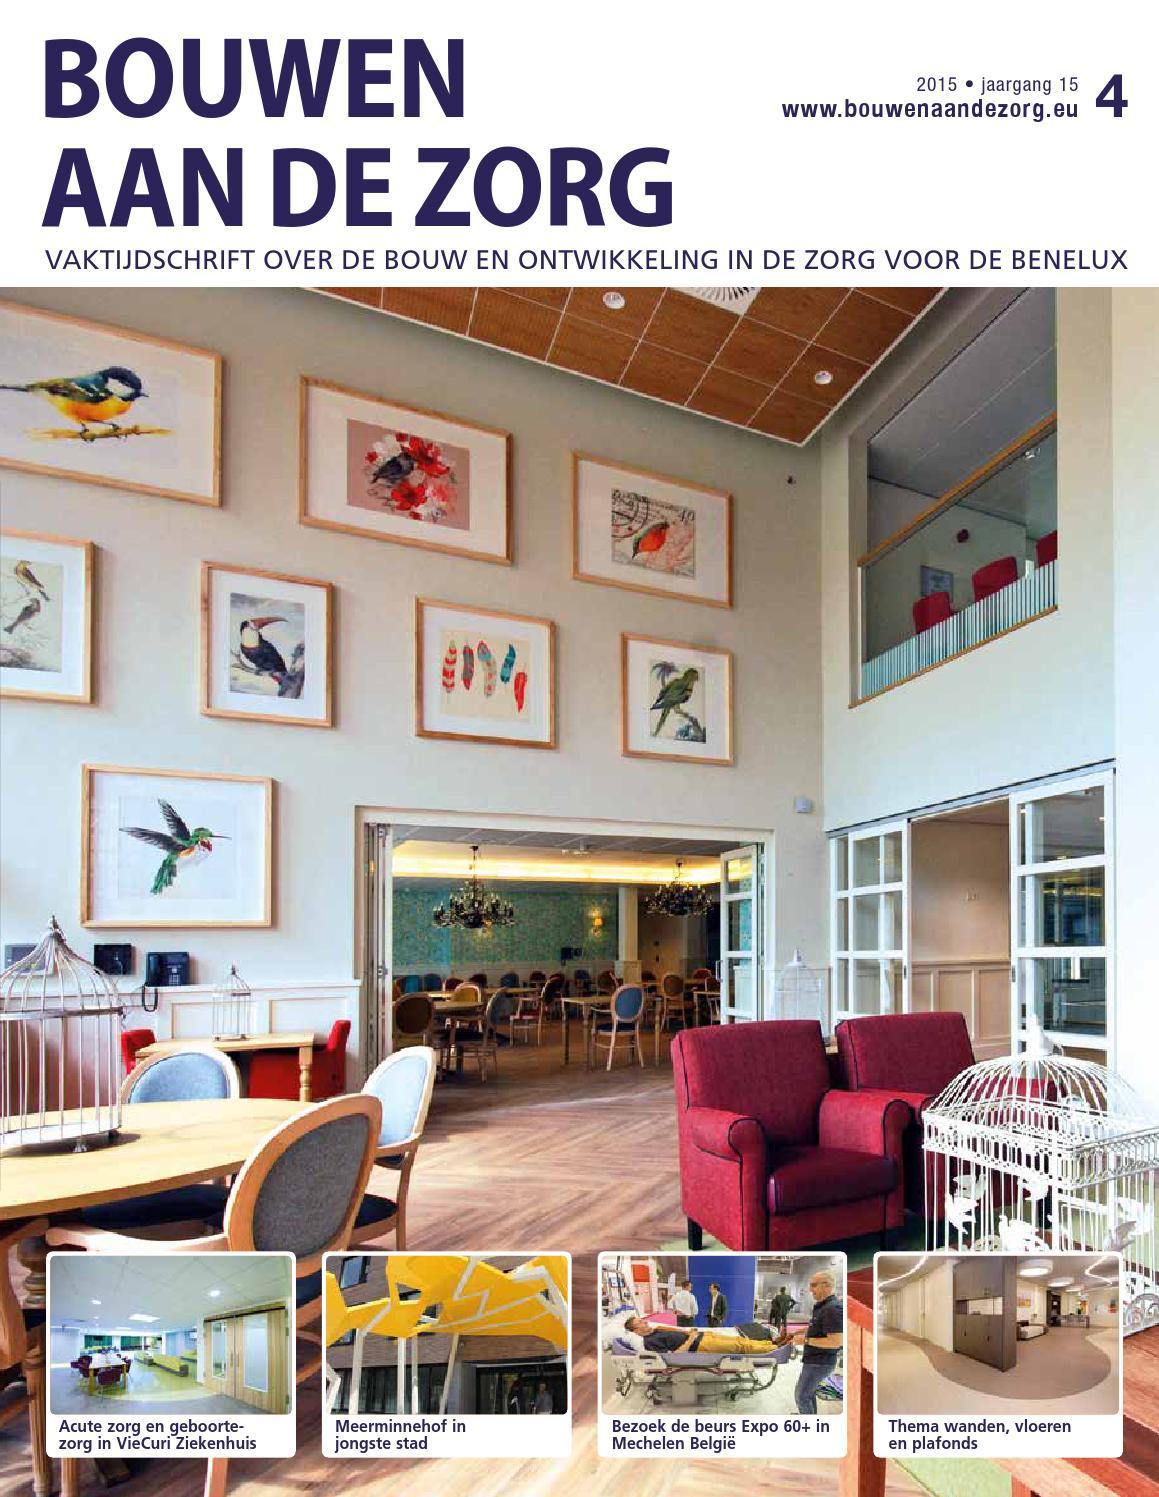 Bouwen aan de zorg 04 2015 by louwers uitgeversorganisatie bv   issuu